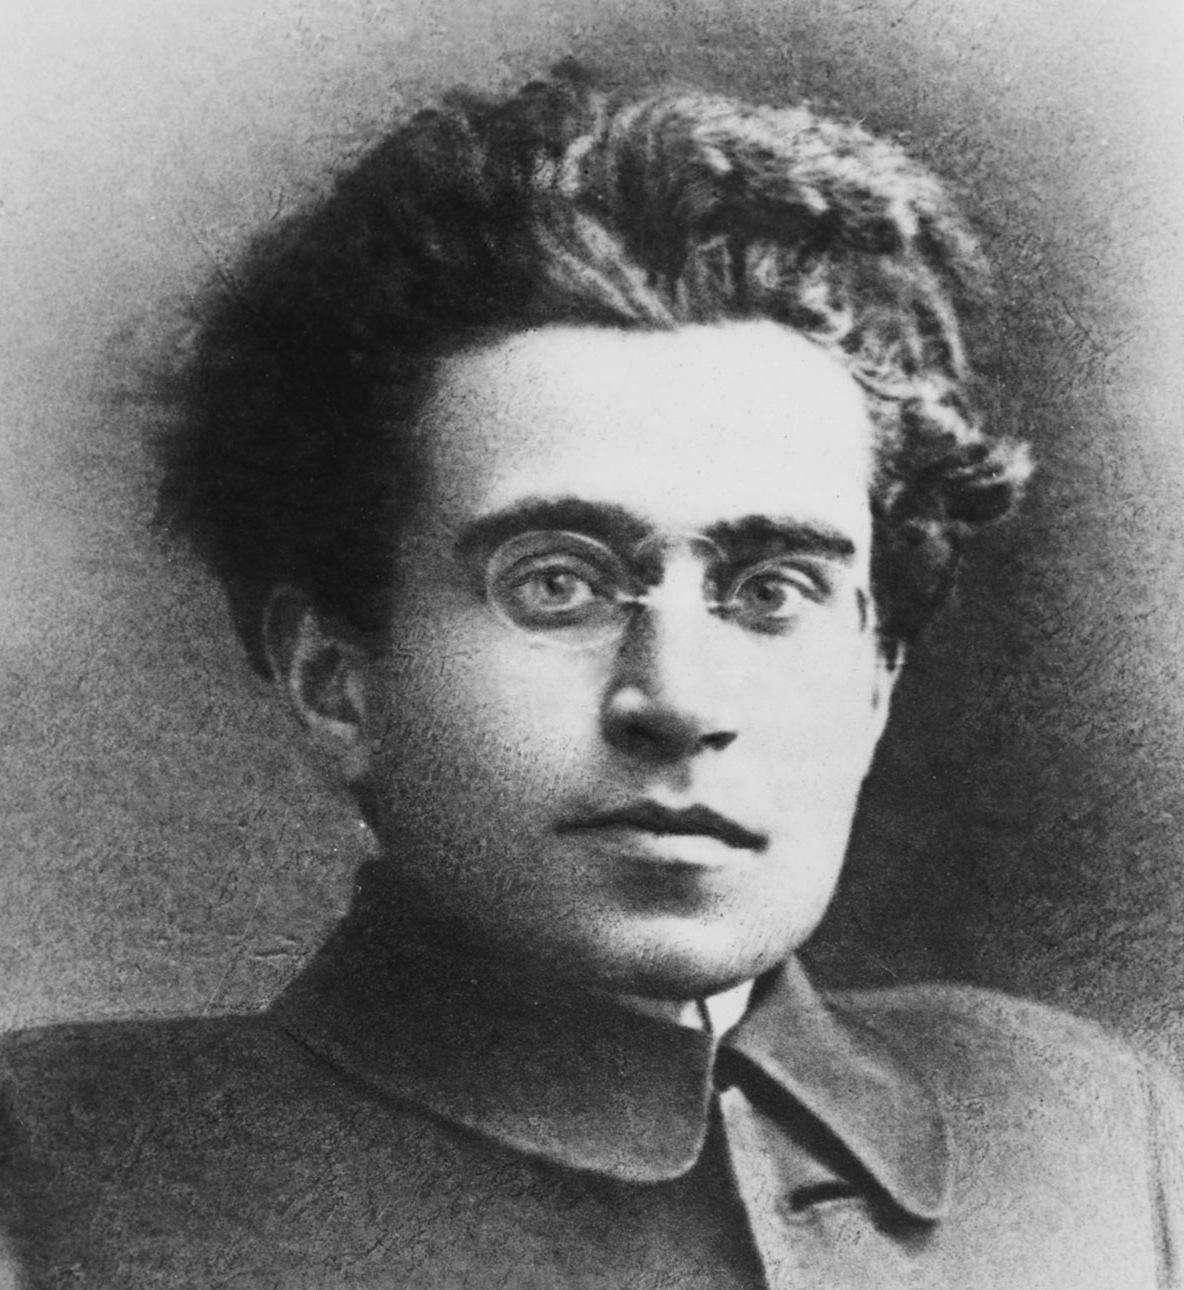 Antonio Gramsci Lettere Dal Carcere: Diario Di Borderline